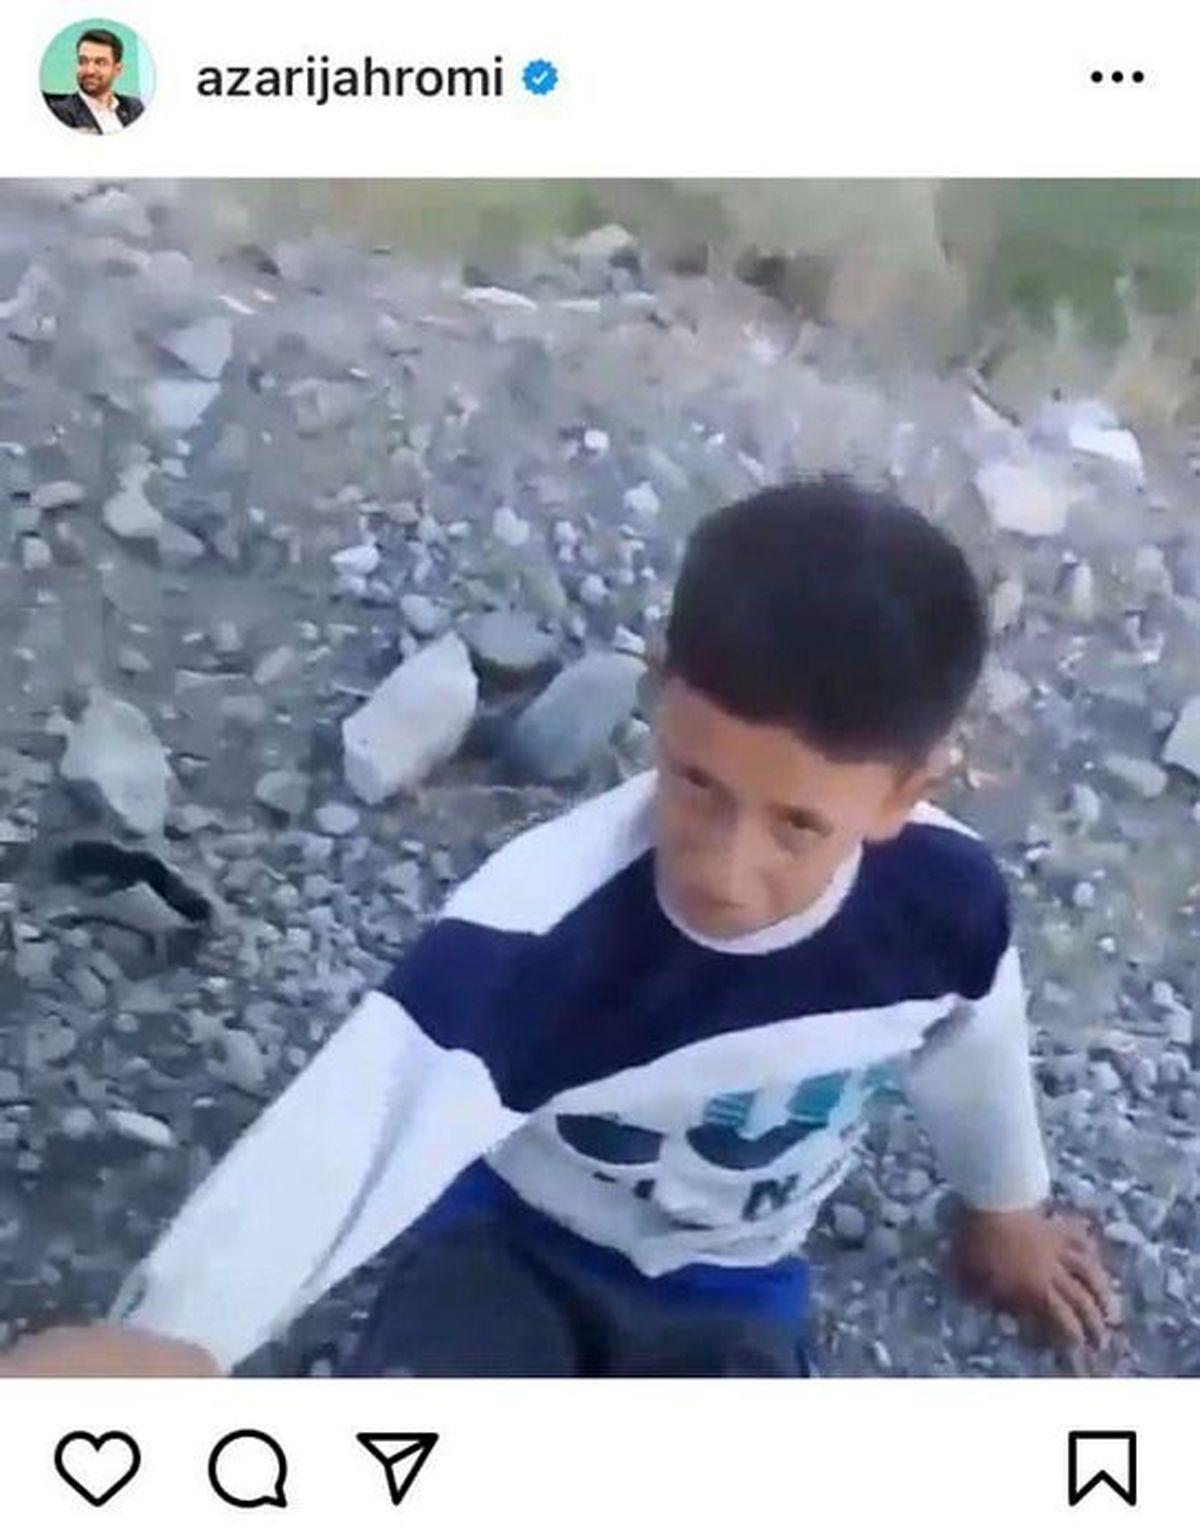 واکنش وزیر به آزار کودک استقلالی